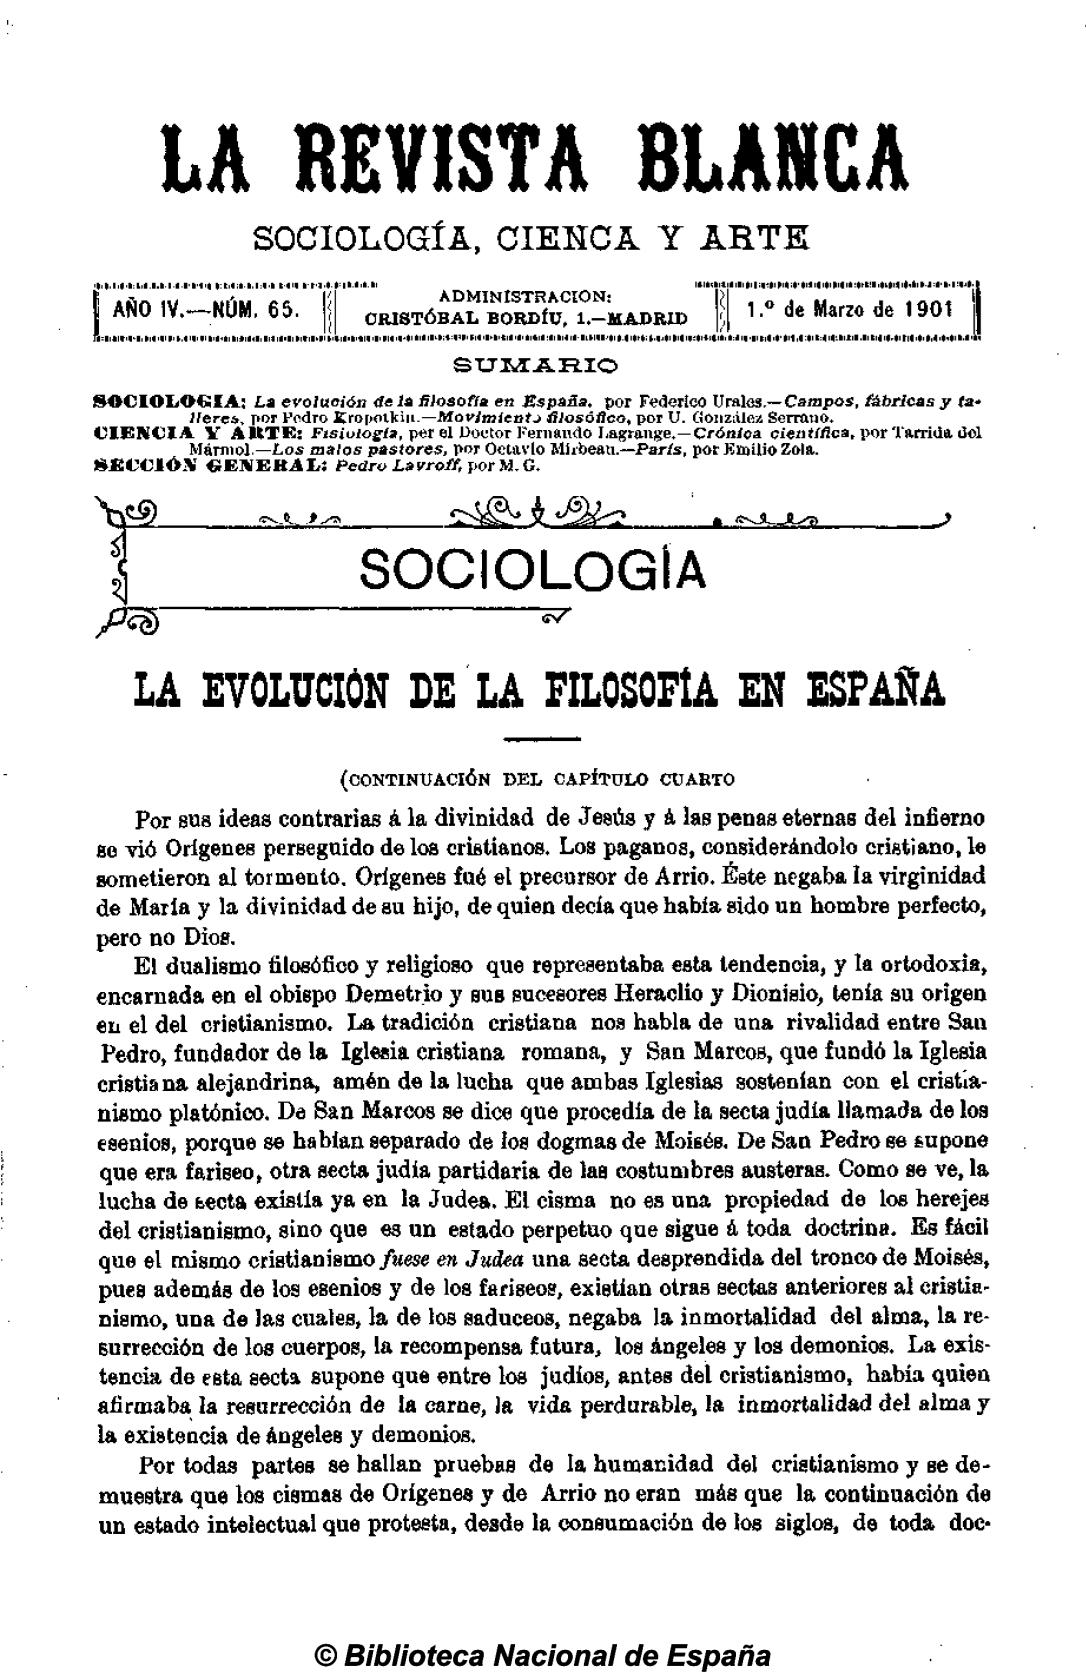 la-revista-blanca-no-65-ano-iv-1-3-1901